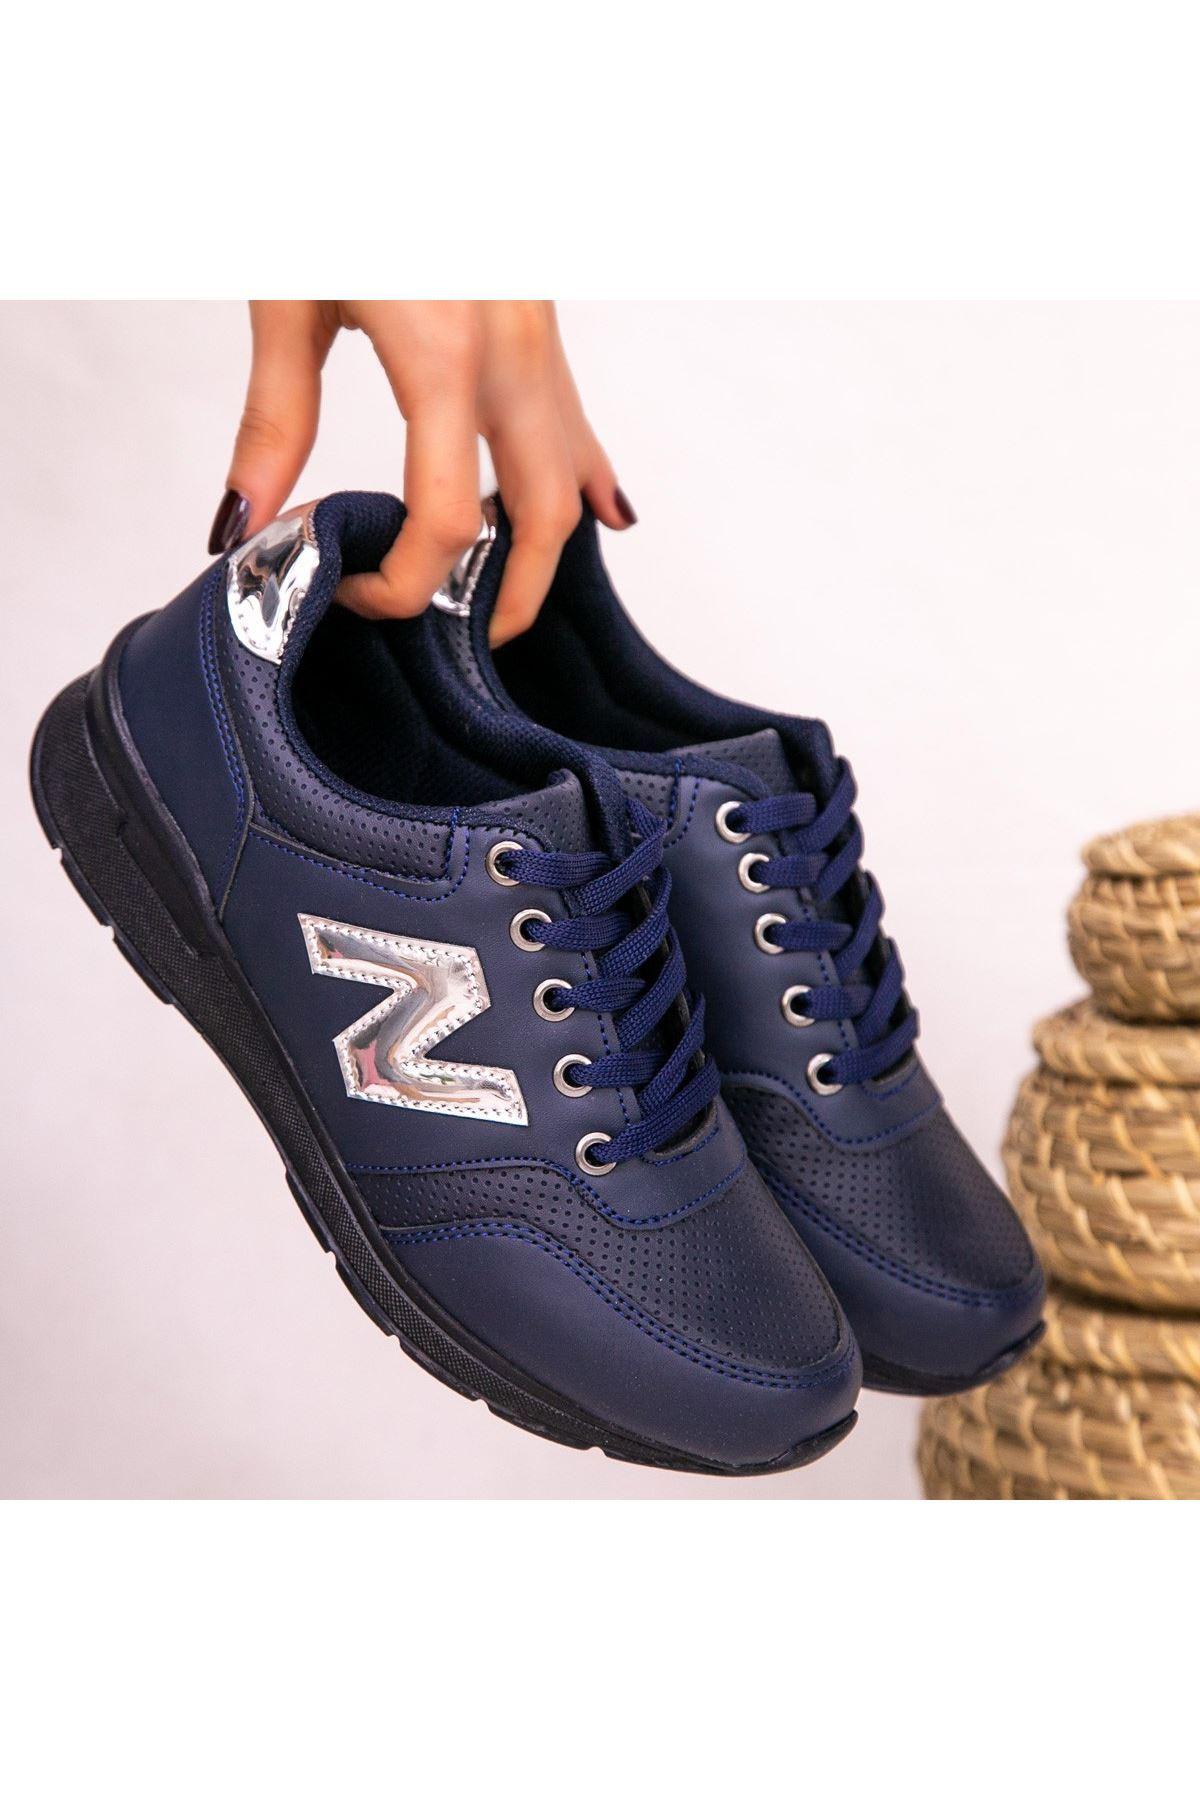 Serc Lacivert Cilt Bağcıklı Spor Ayakkabı